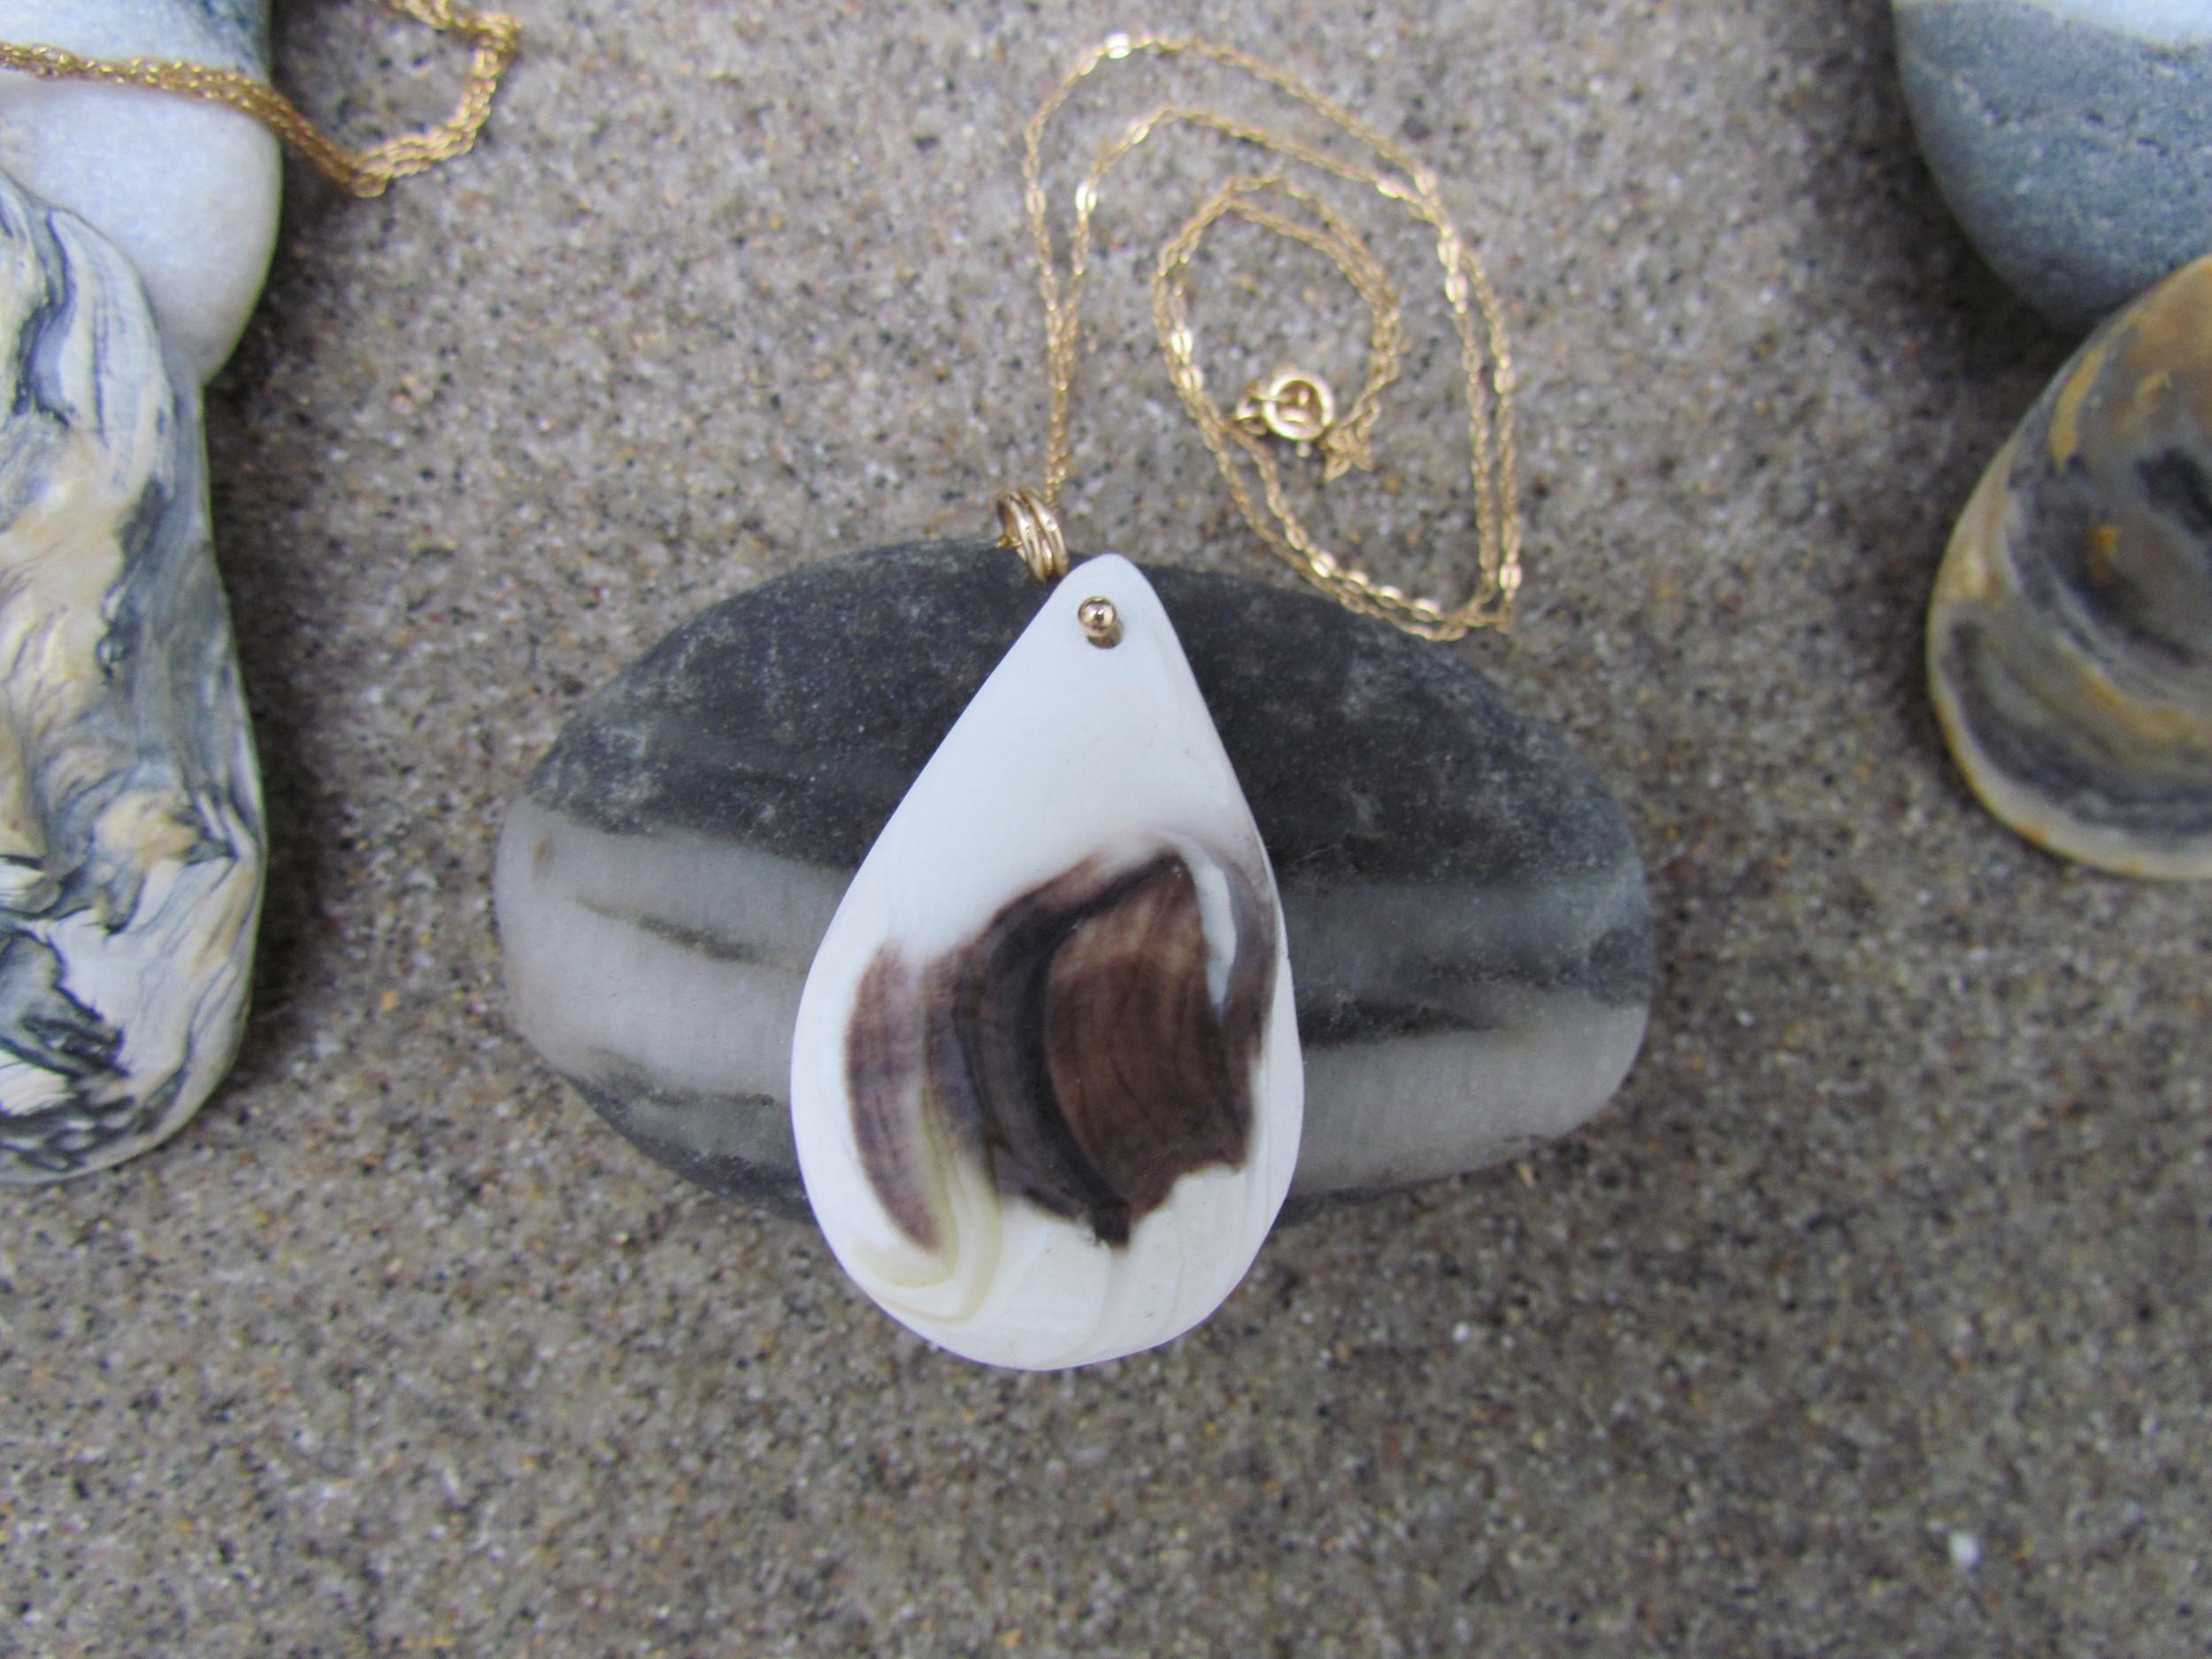 Wellfleet oyster shell pendant